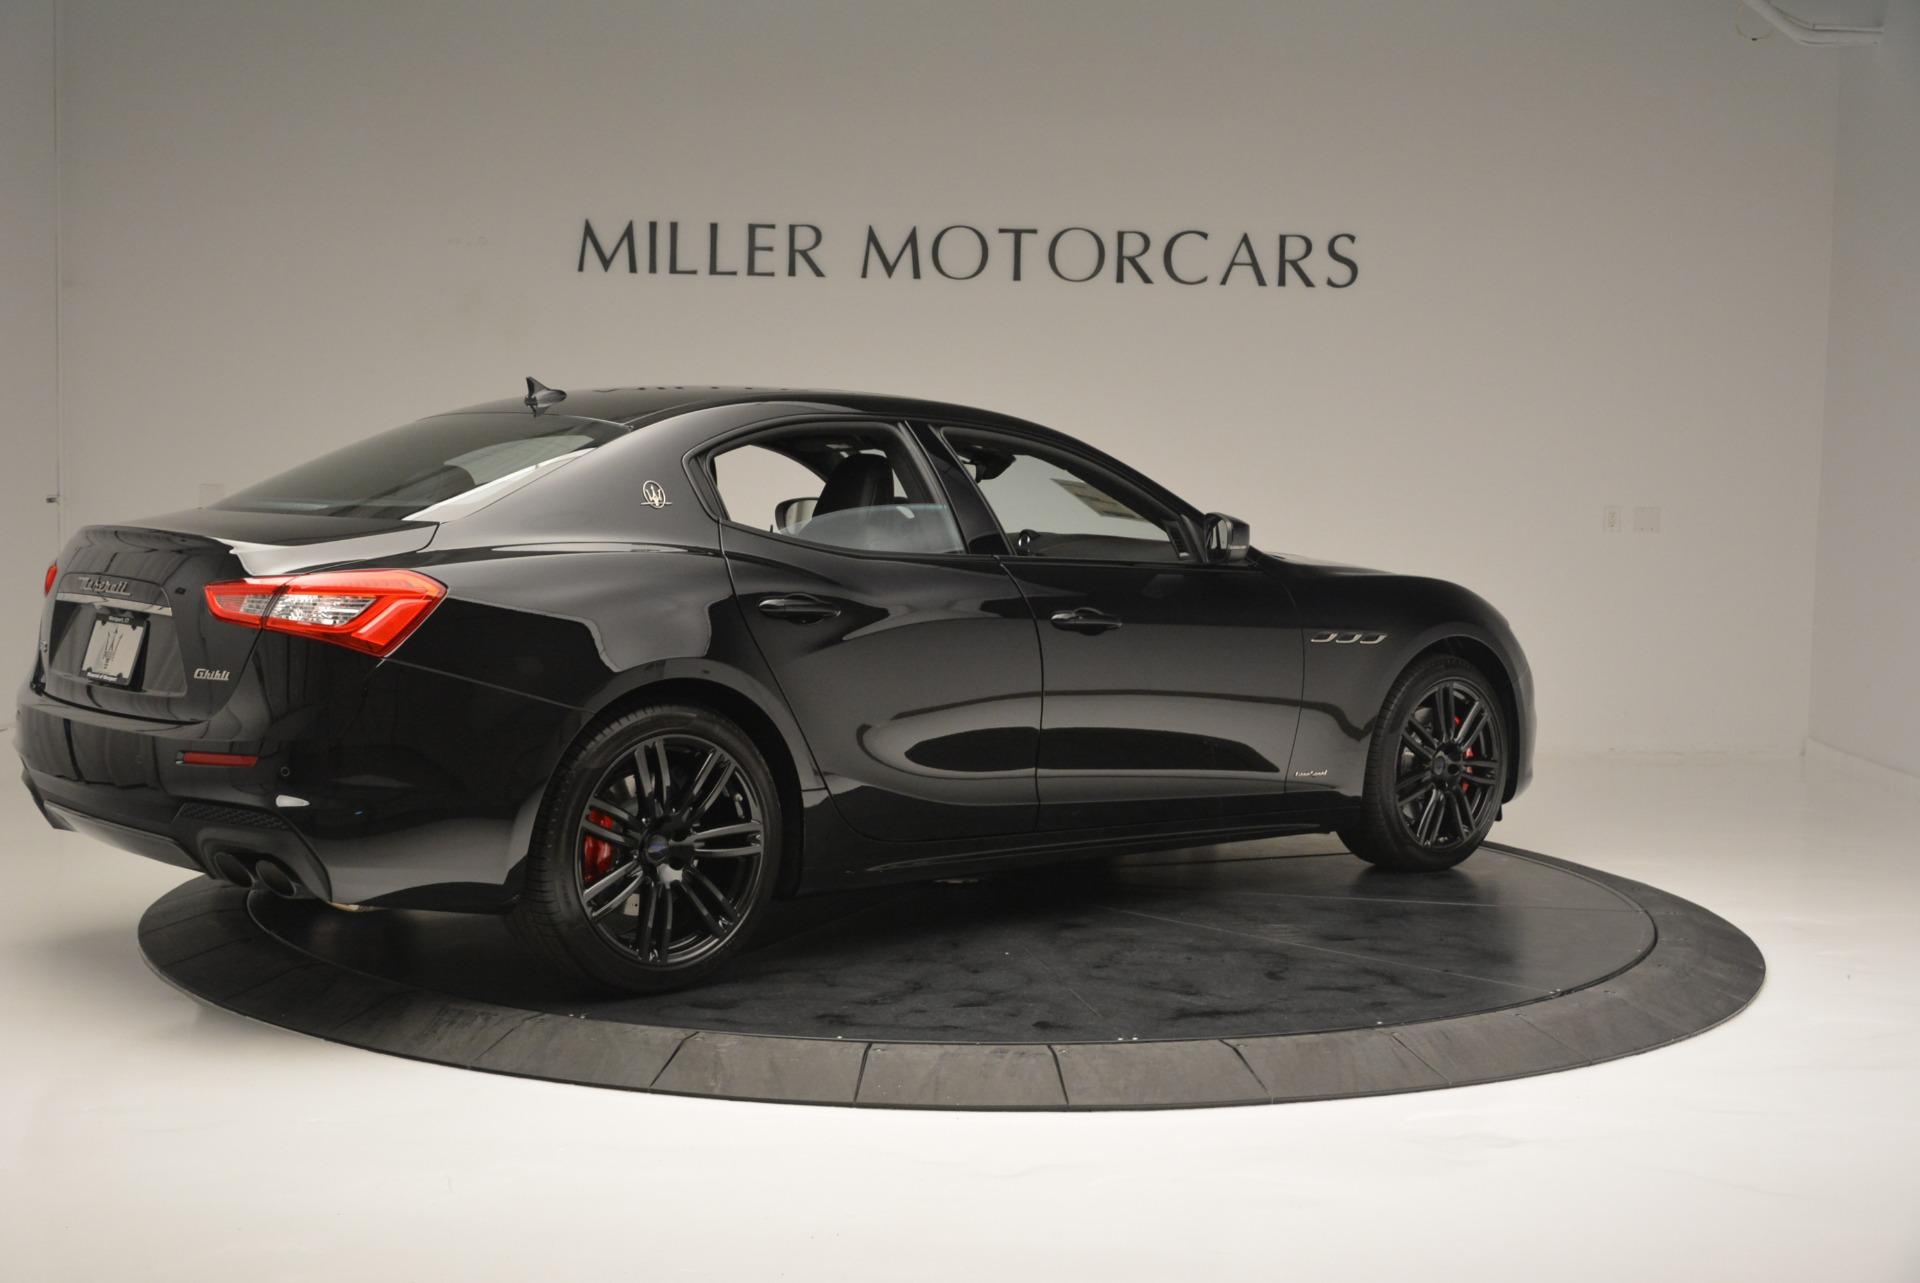 New 2018 Maserati Ghibli SQ4 GranSport Nerissimo For Sale In Greenwich, CT 2366_p8